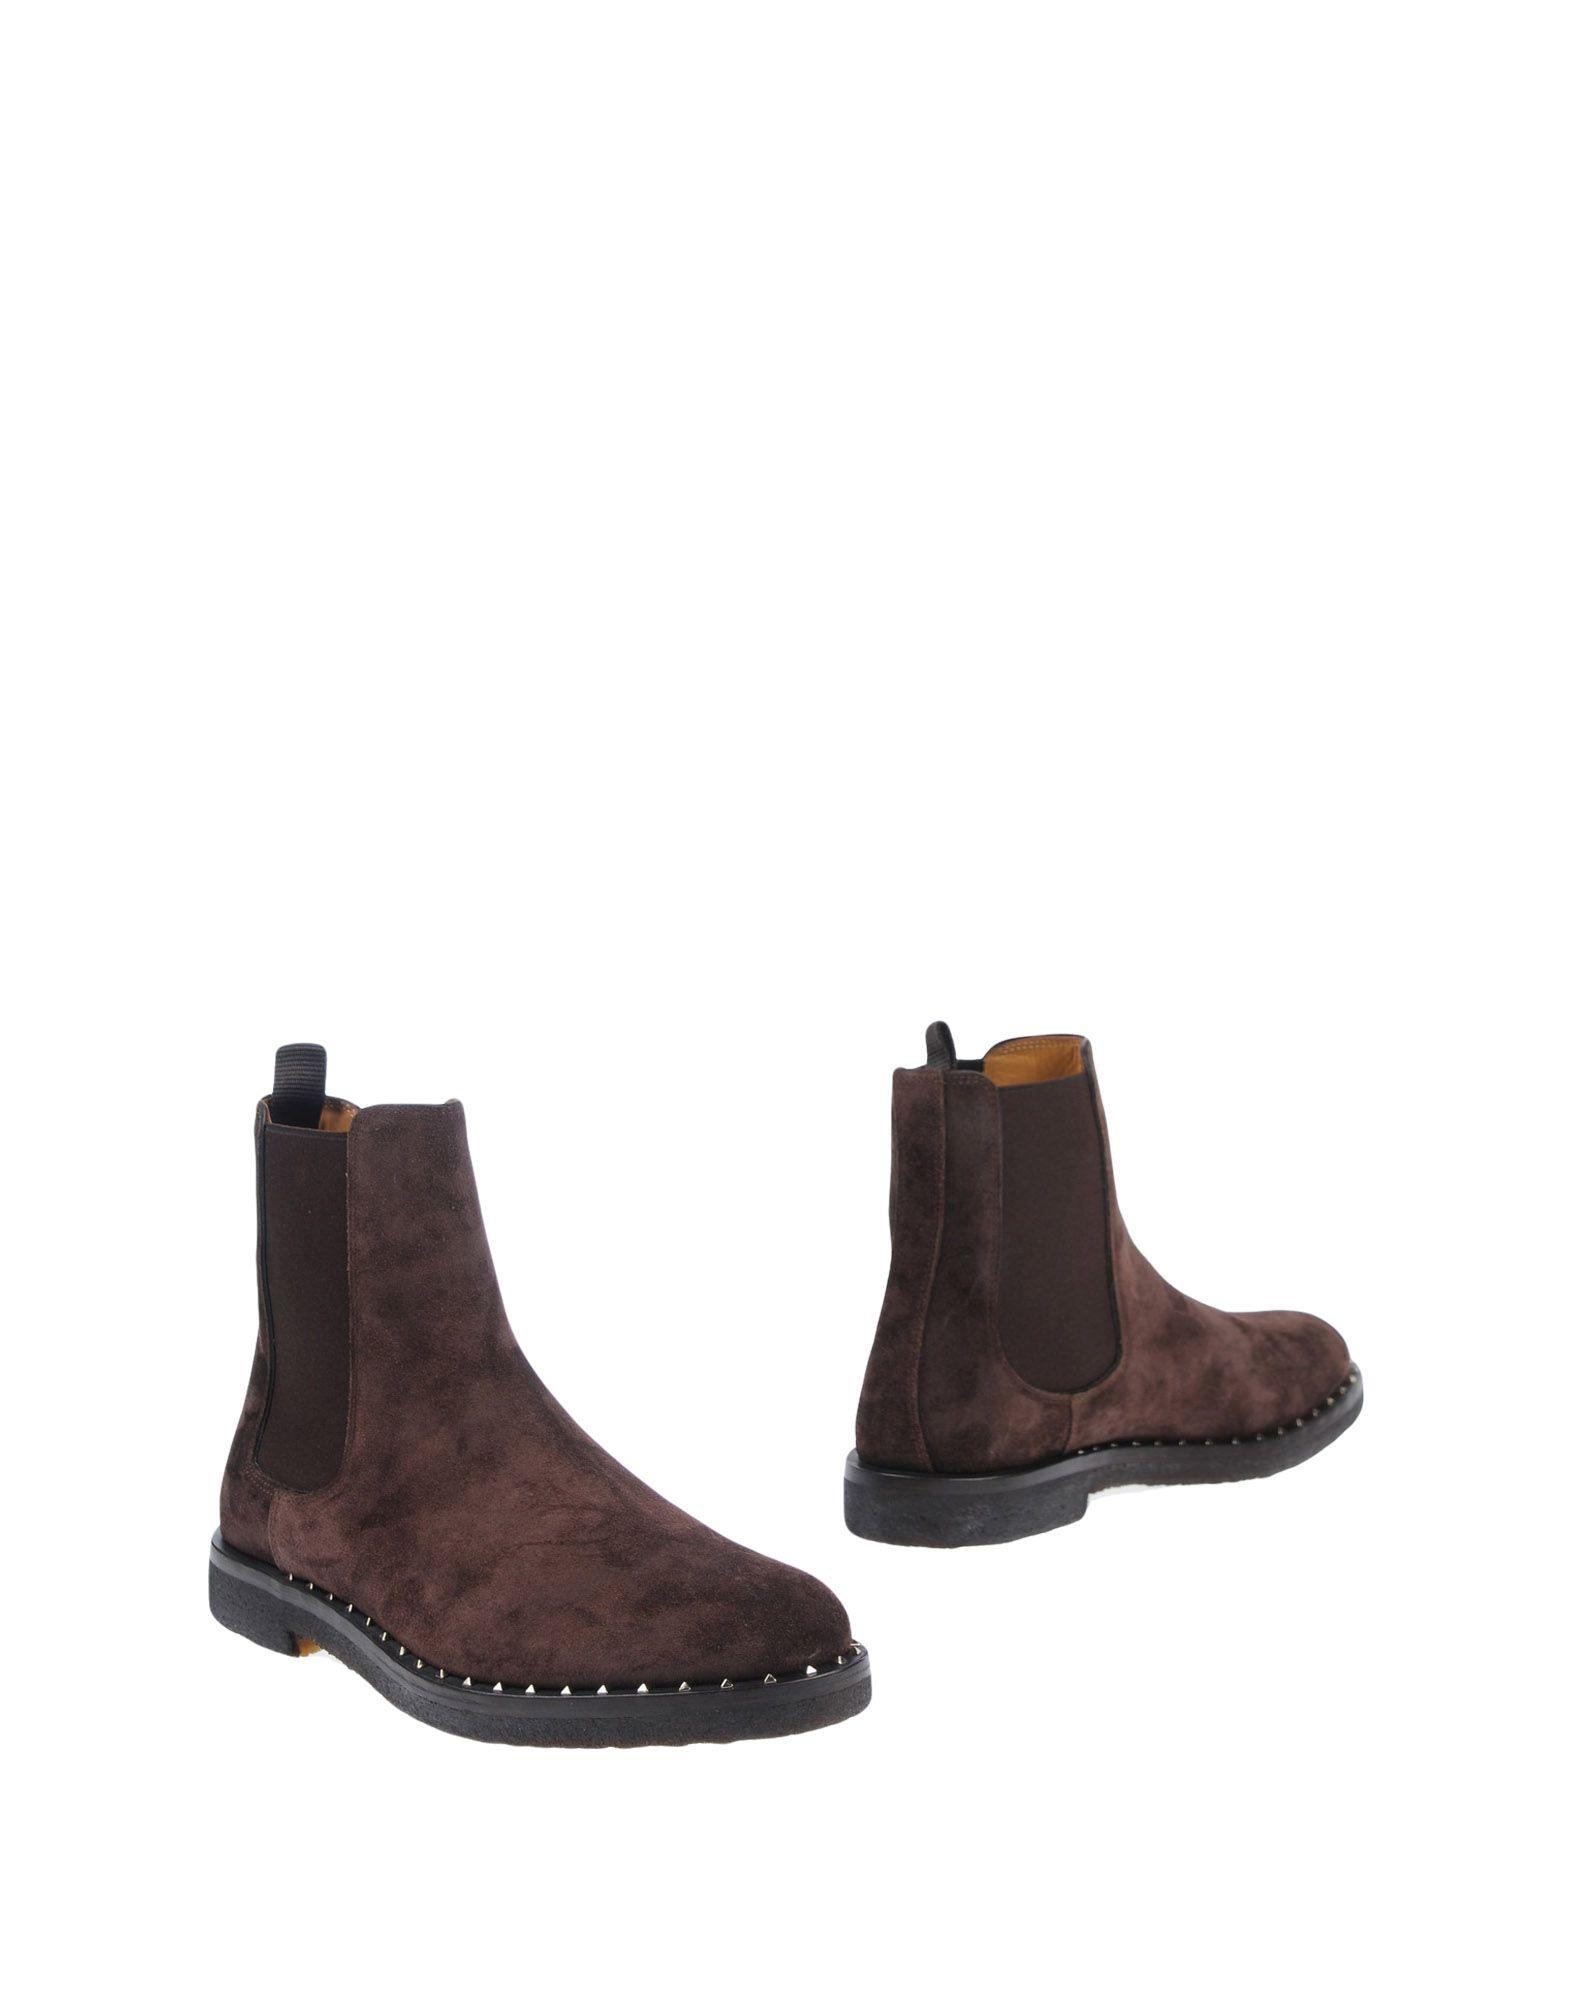 Valentino Garavani Stiefelette Herren beliebte  11462818KP Gute Qualität beliebte Herren Schuhe 242247